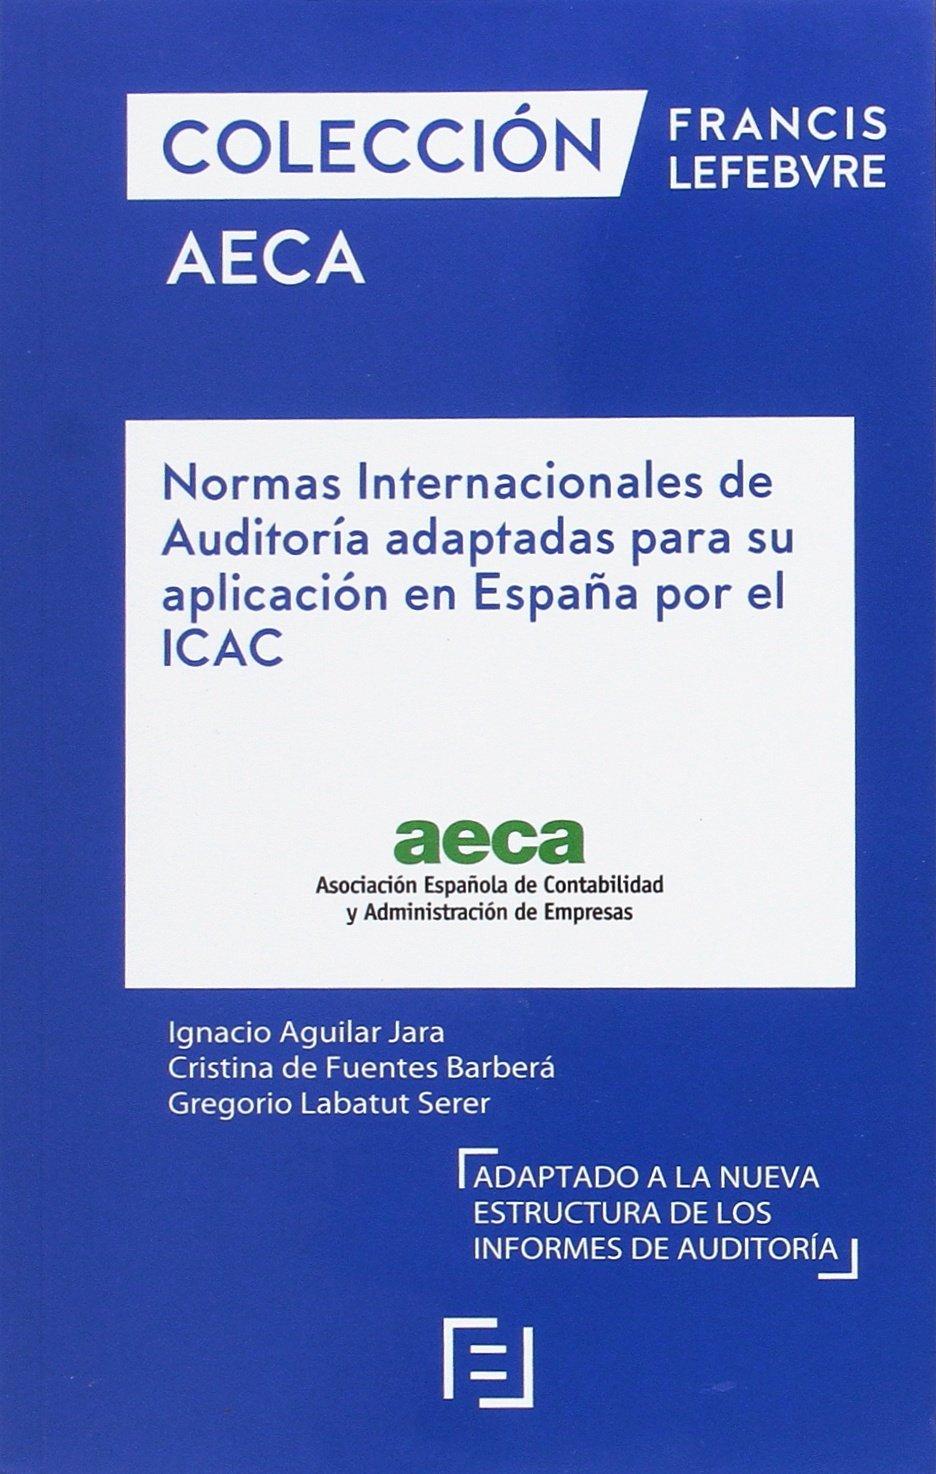 Normas Internacionales de Auditoría adaptadas para su aplicación ...